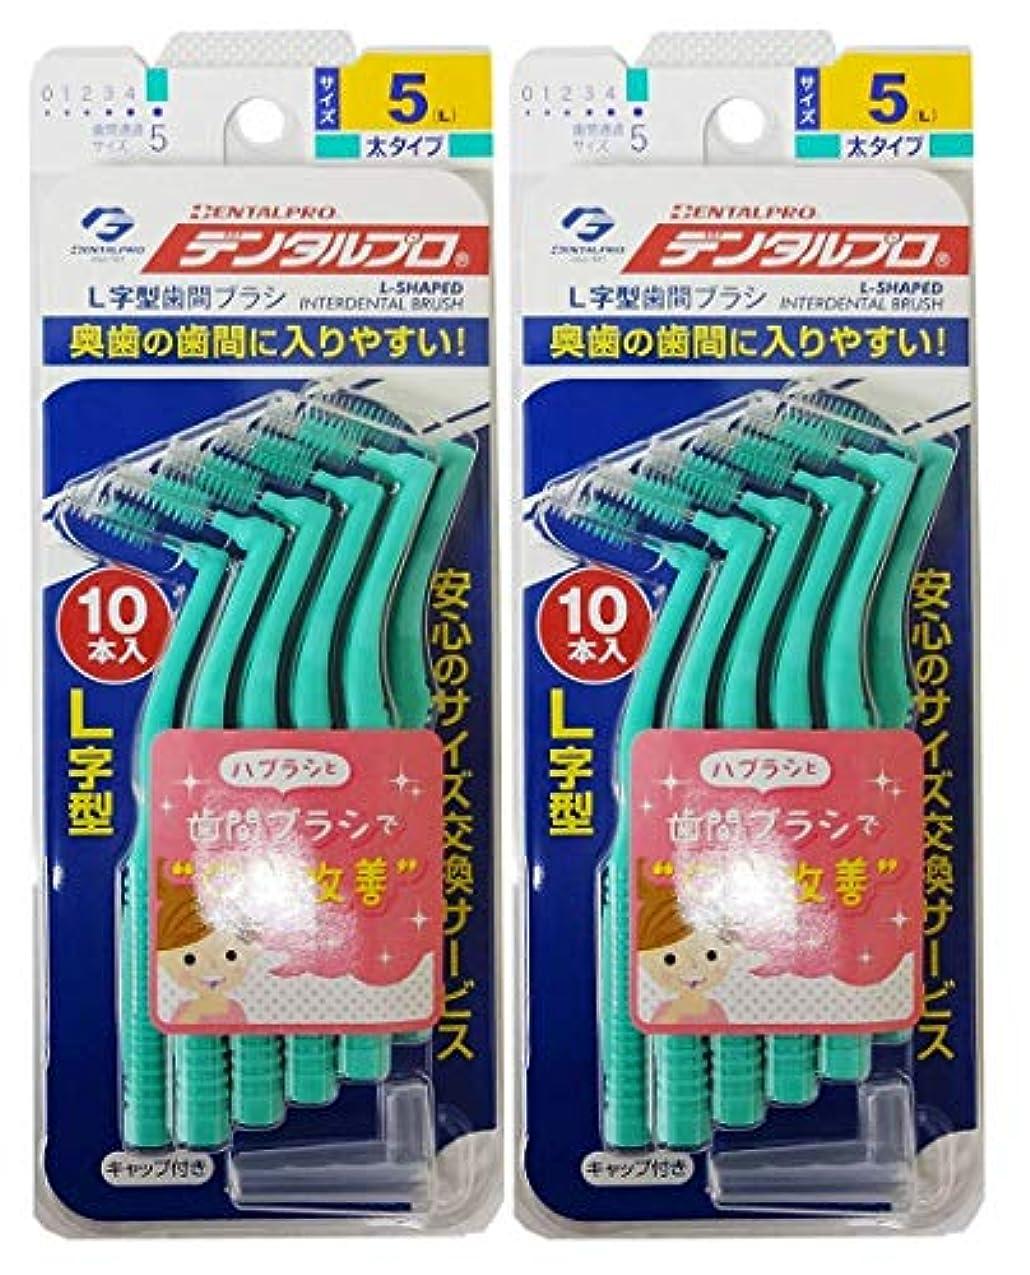 対処からに変化する薄いデンタルプロ 歯間ブラシ L字型 サイズ5(L) 10本入り × 2個セット